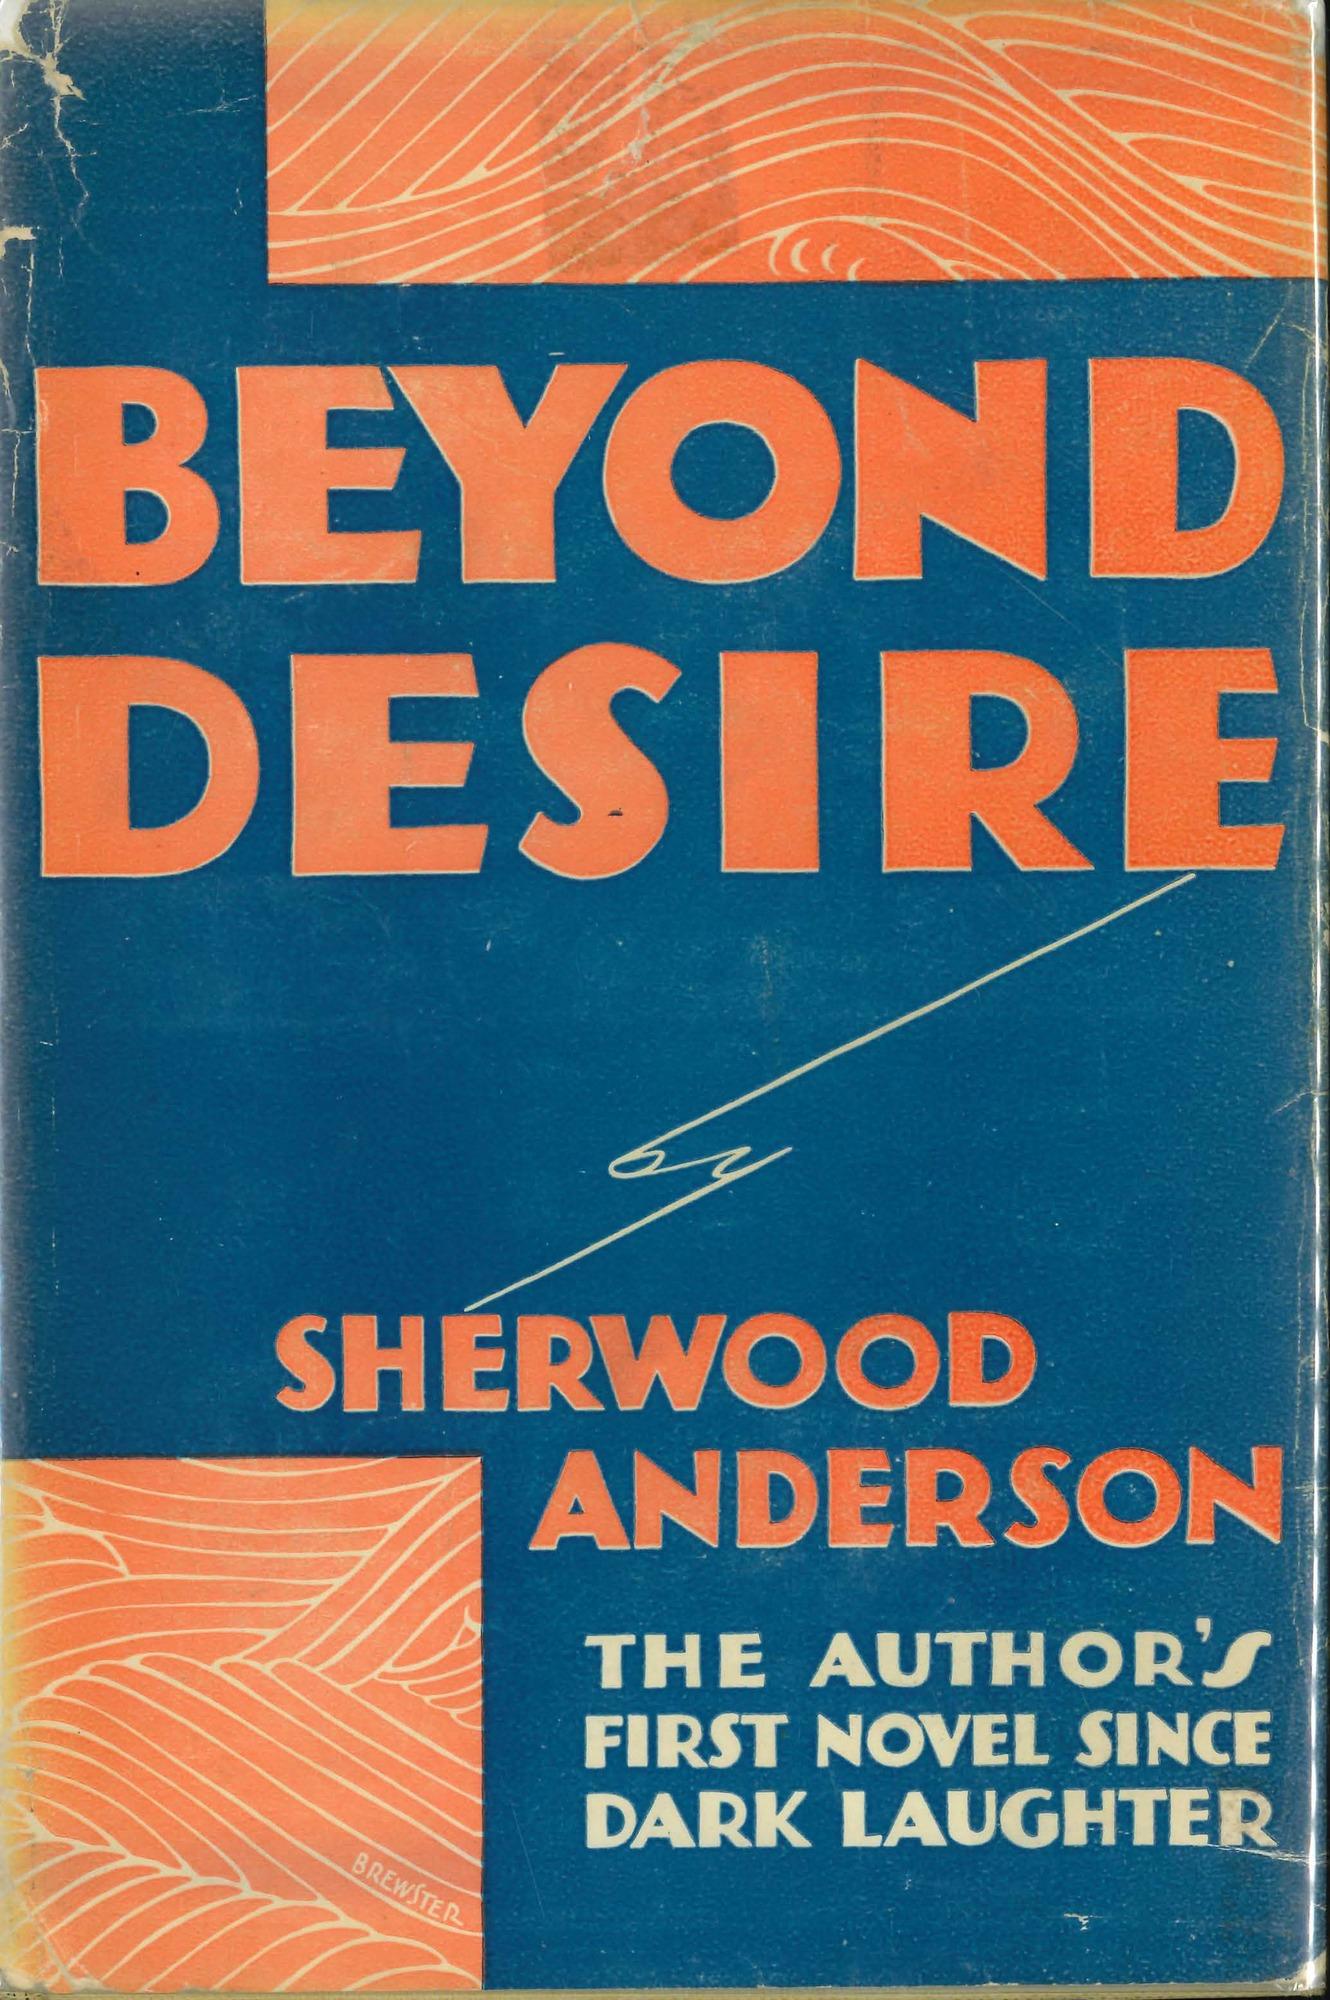 BeyondDesire_1932.jpg